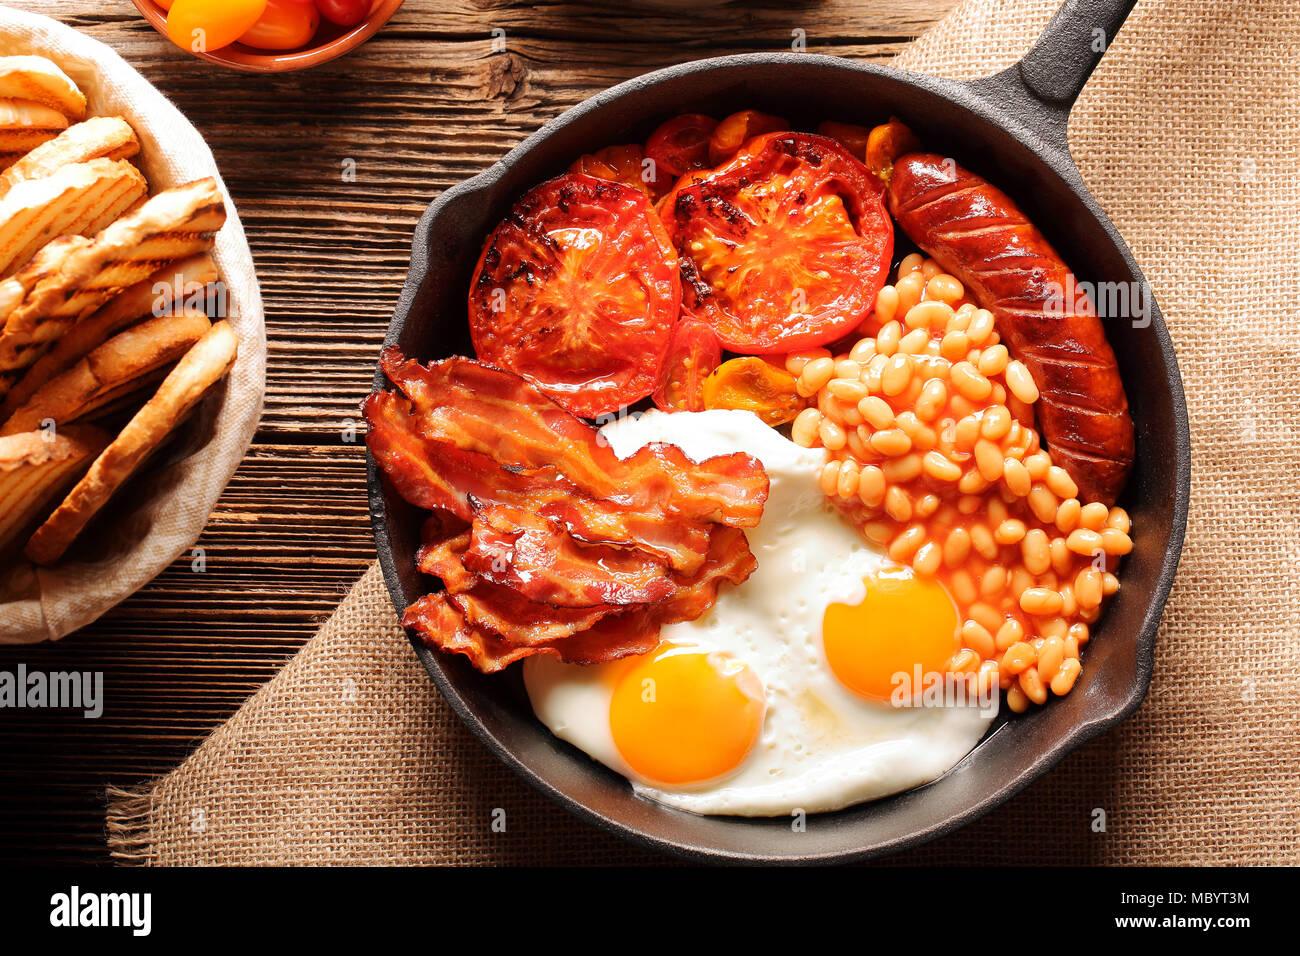 Prima colazione inglese con salsicce, pomodori grigliati, uova, pancetta, fagioli e pane in padella. Immagini Stock